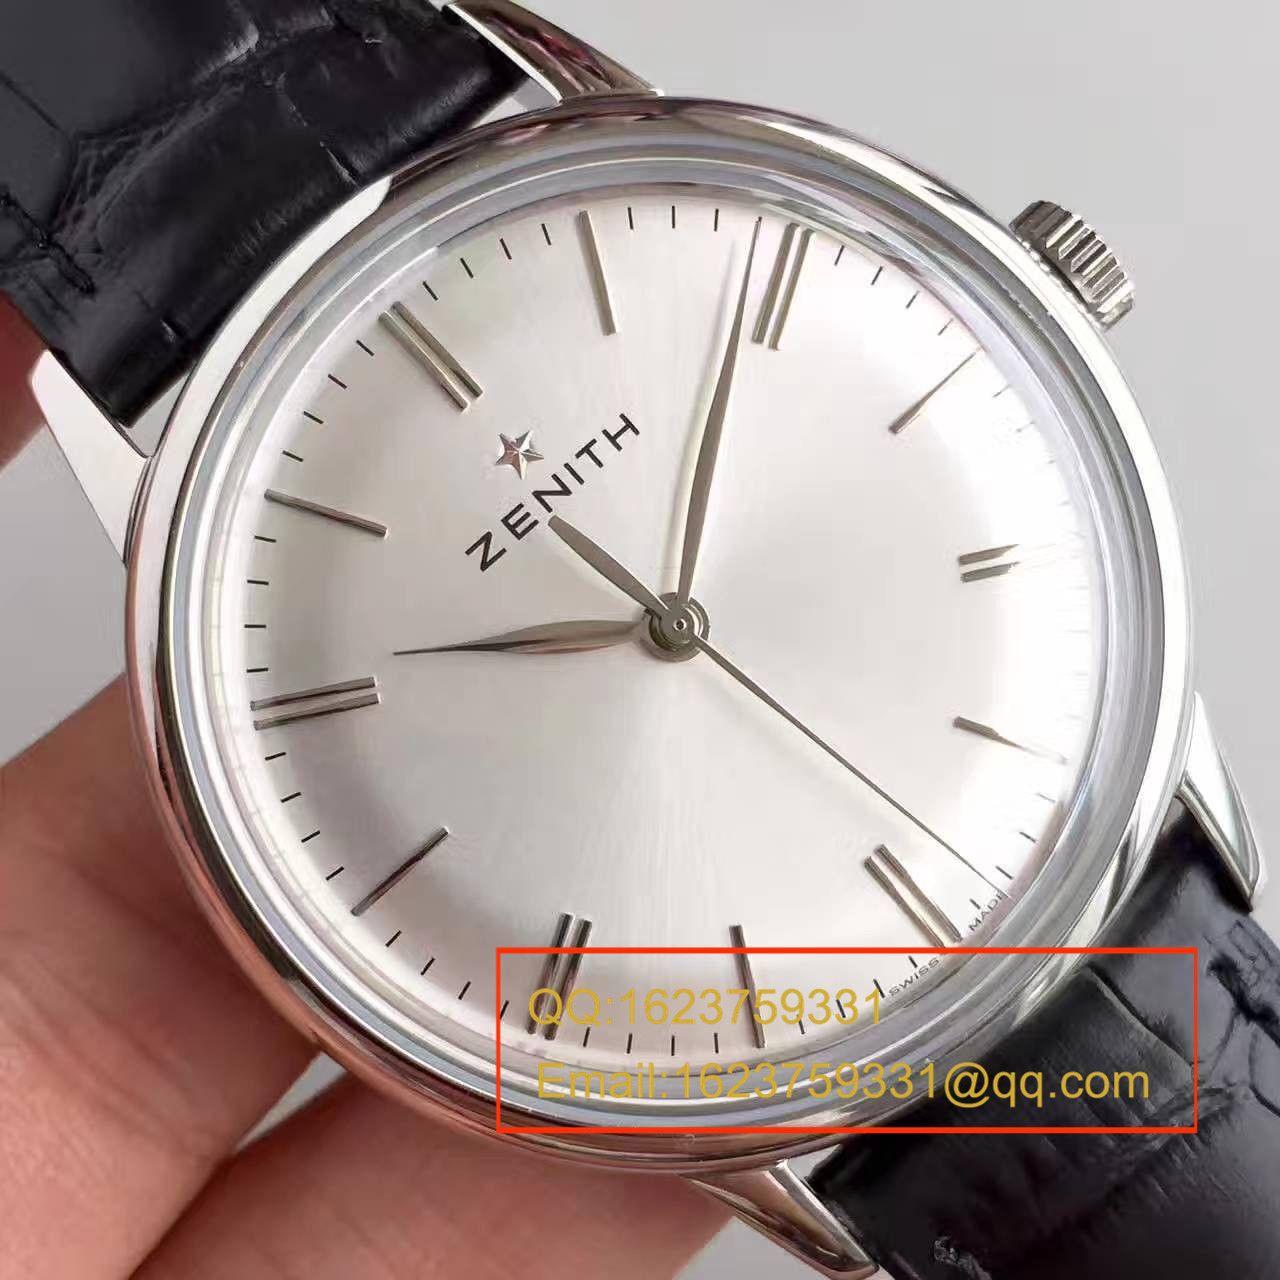 【ND厂1:1复刻手表】真力时ELITE系列03.2270.6150/01.C493腕表 / ZSL027